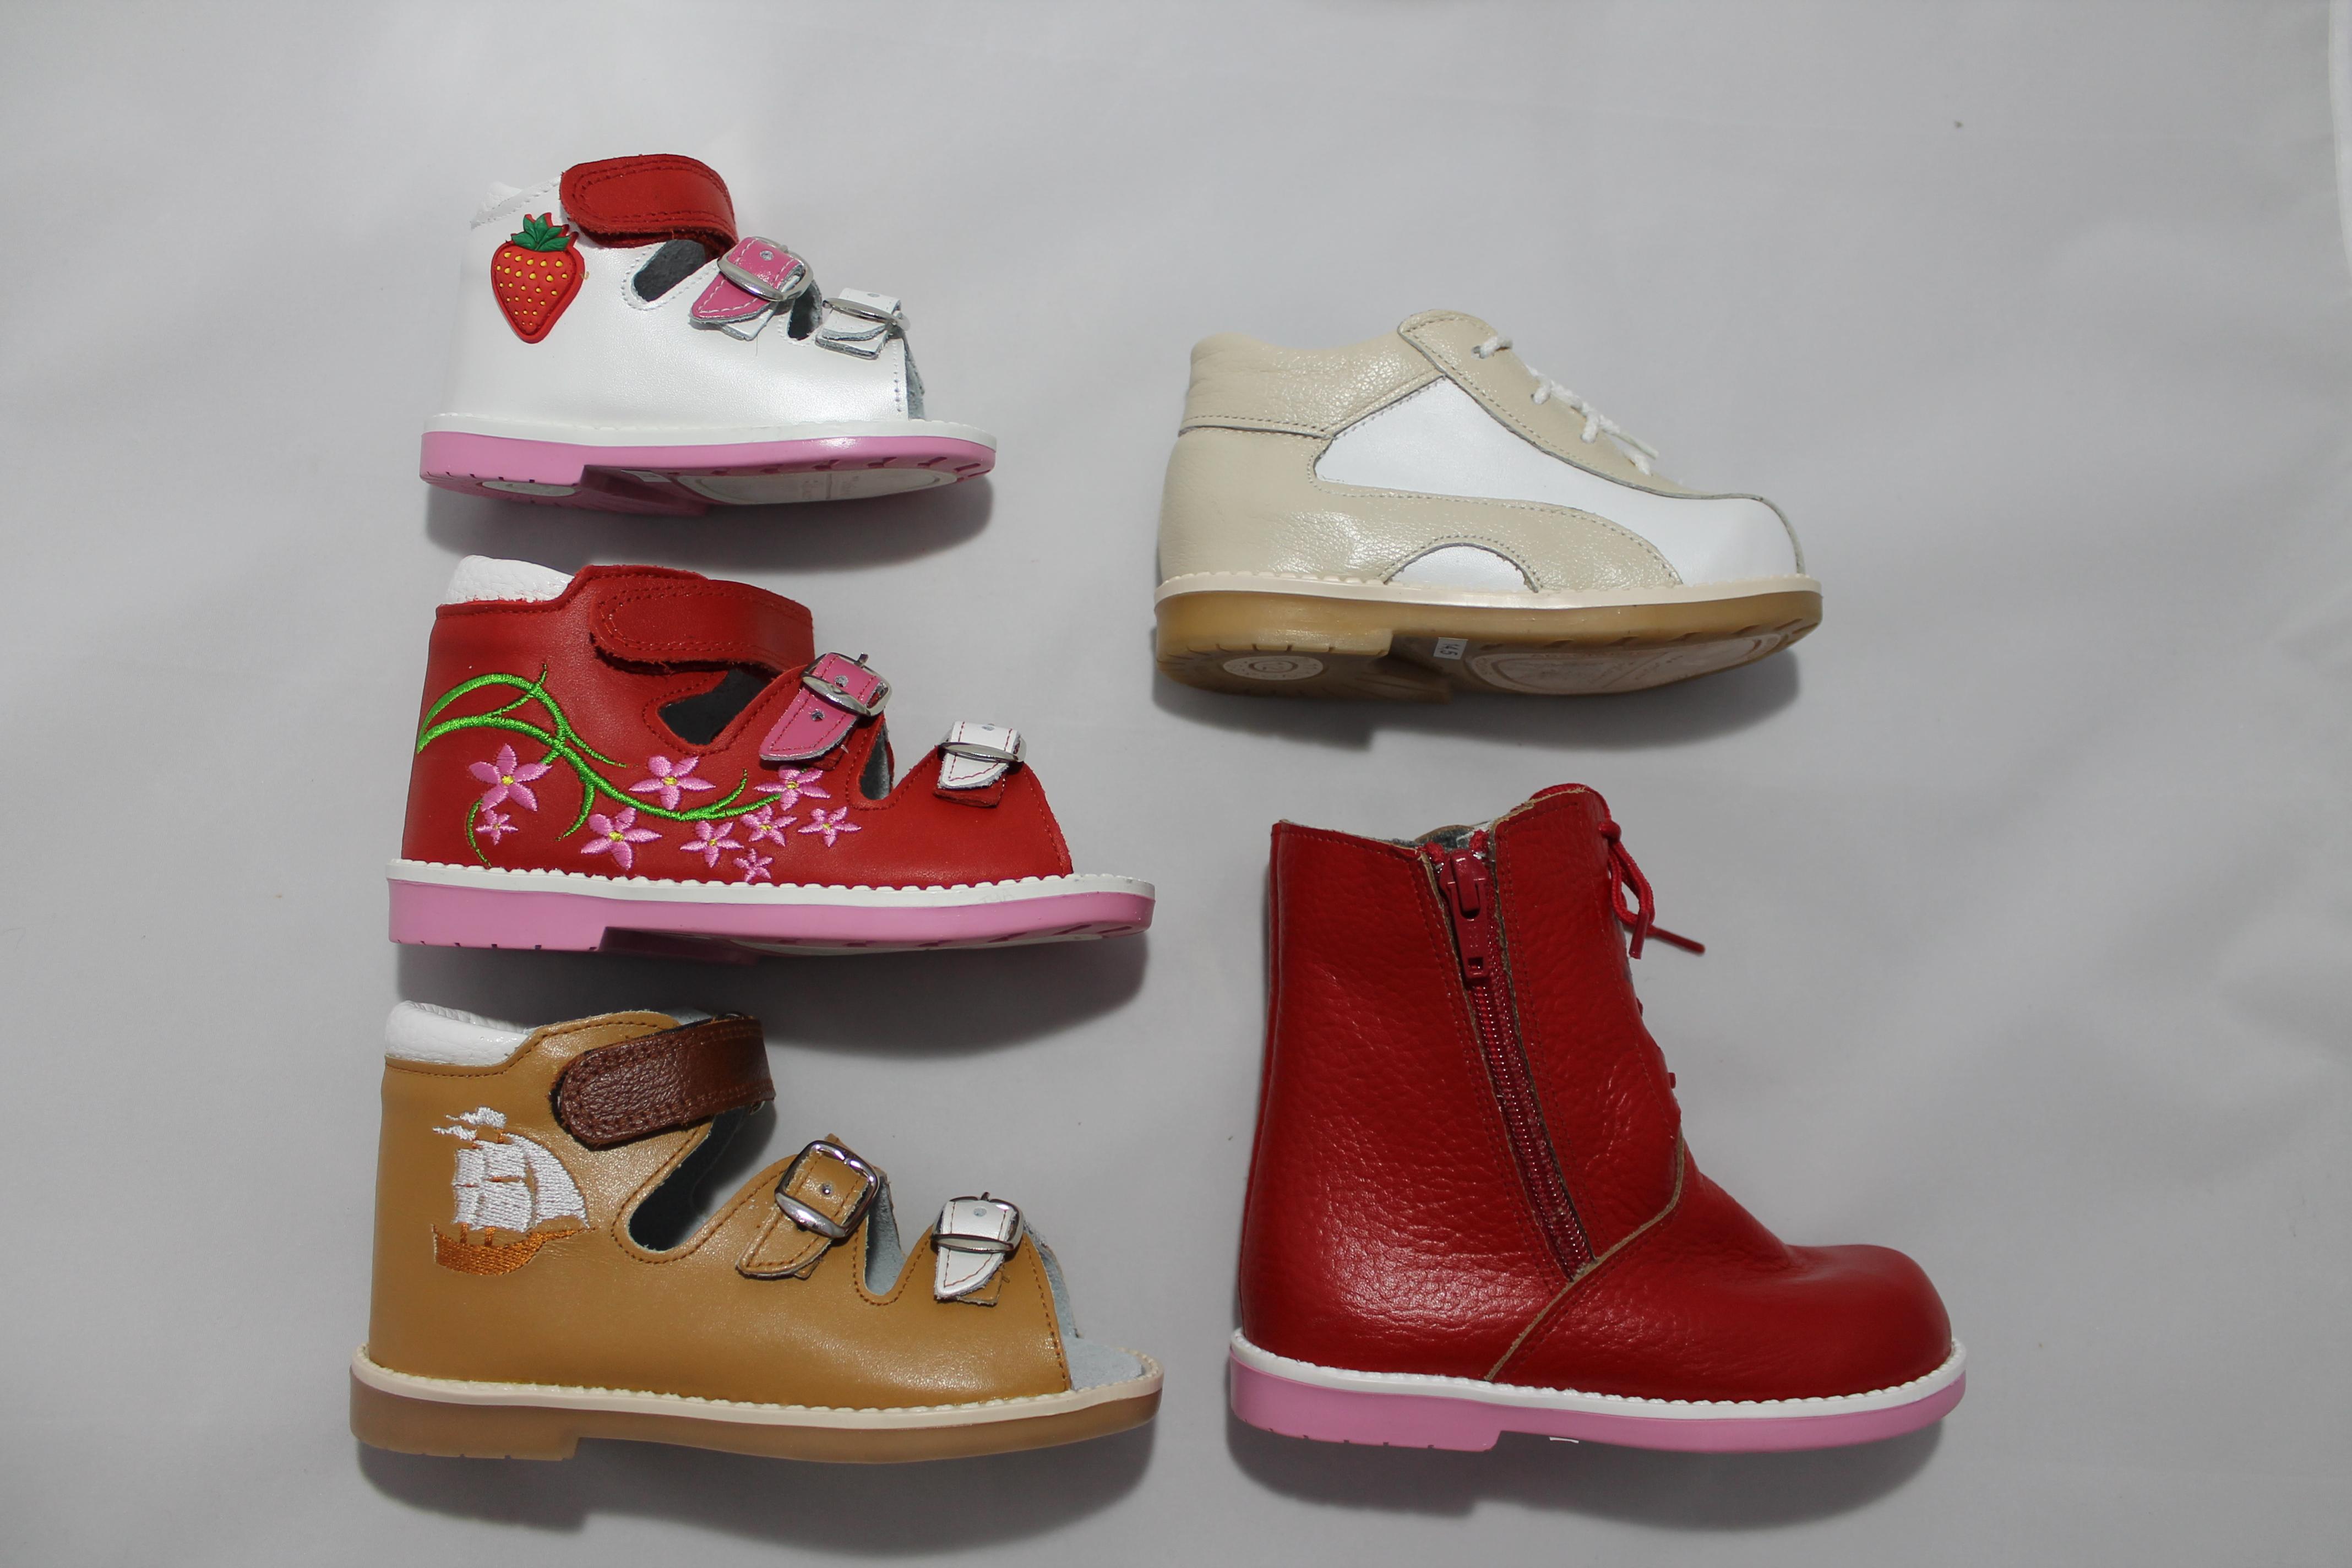 Сбор заказов. Детская Богородская обувная фабрика. Орто-сандалии 790 руб,классика от 200 руб (внутри натур кожа+ ортостелька), ботиночки, чешки, тапочки, пинетки. Без рядов. Консультирую по подбору нужного размера. Выкуп 14